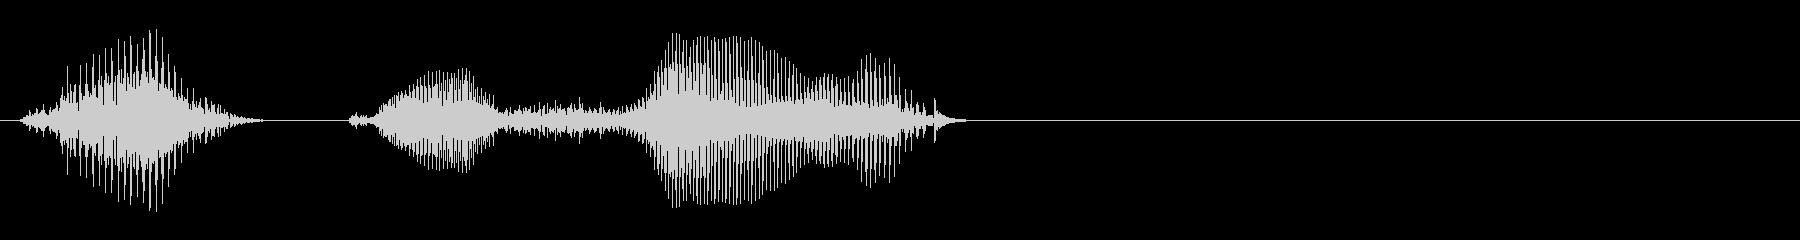 60の未再生の波形